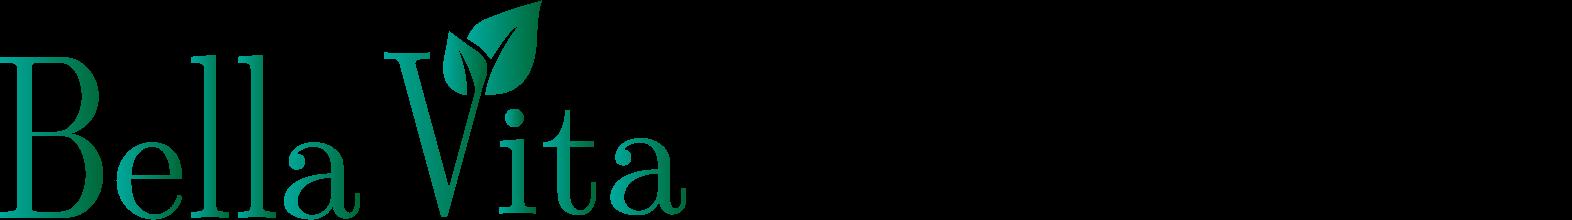 BellaVita_logo